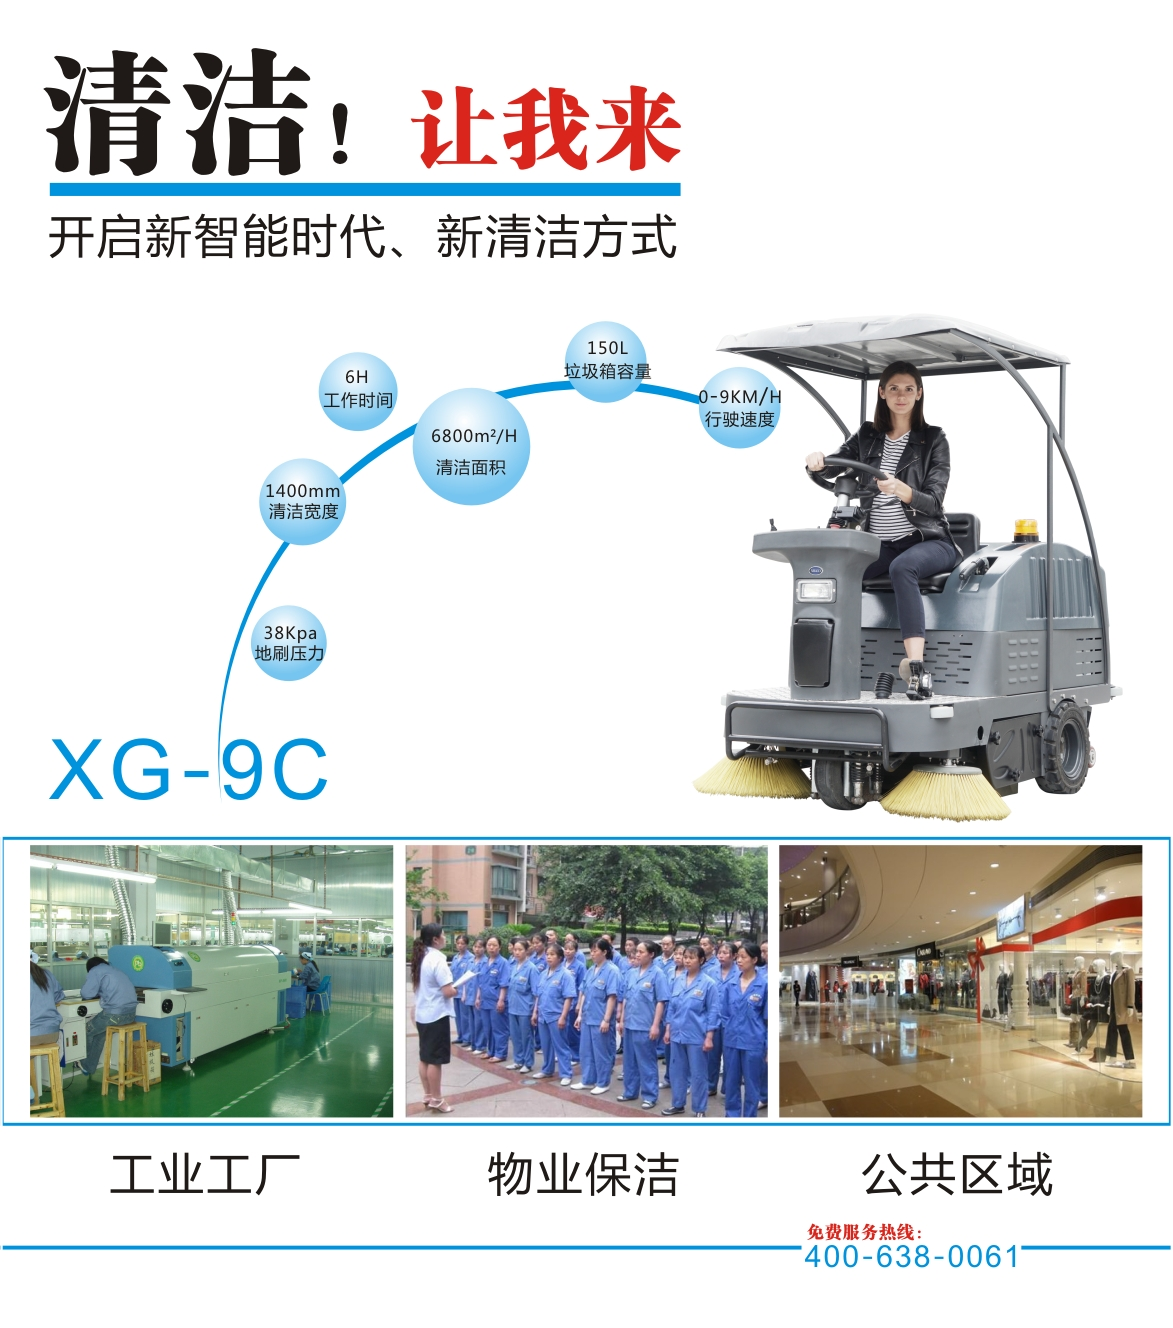 XG-9C-2.jpg